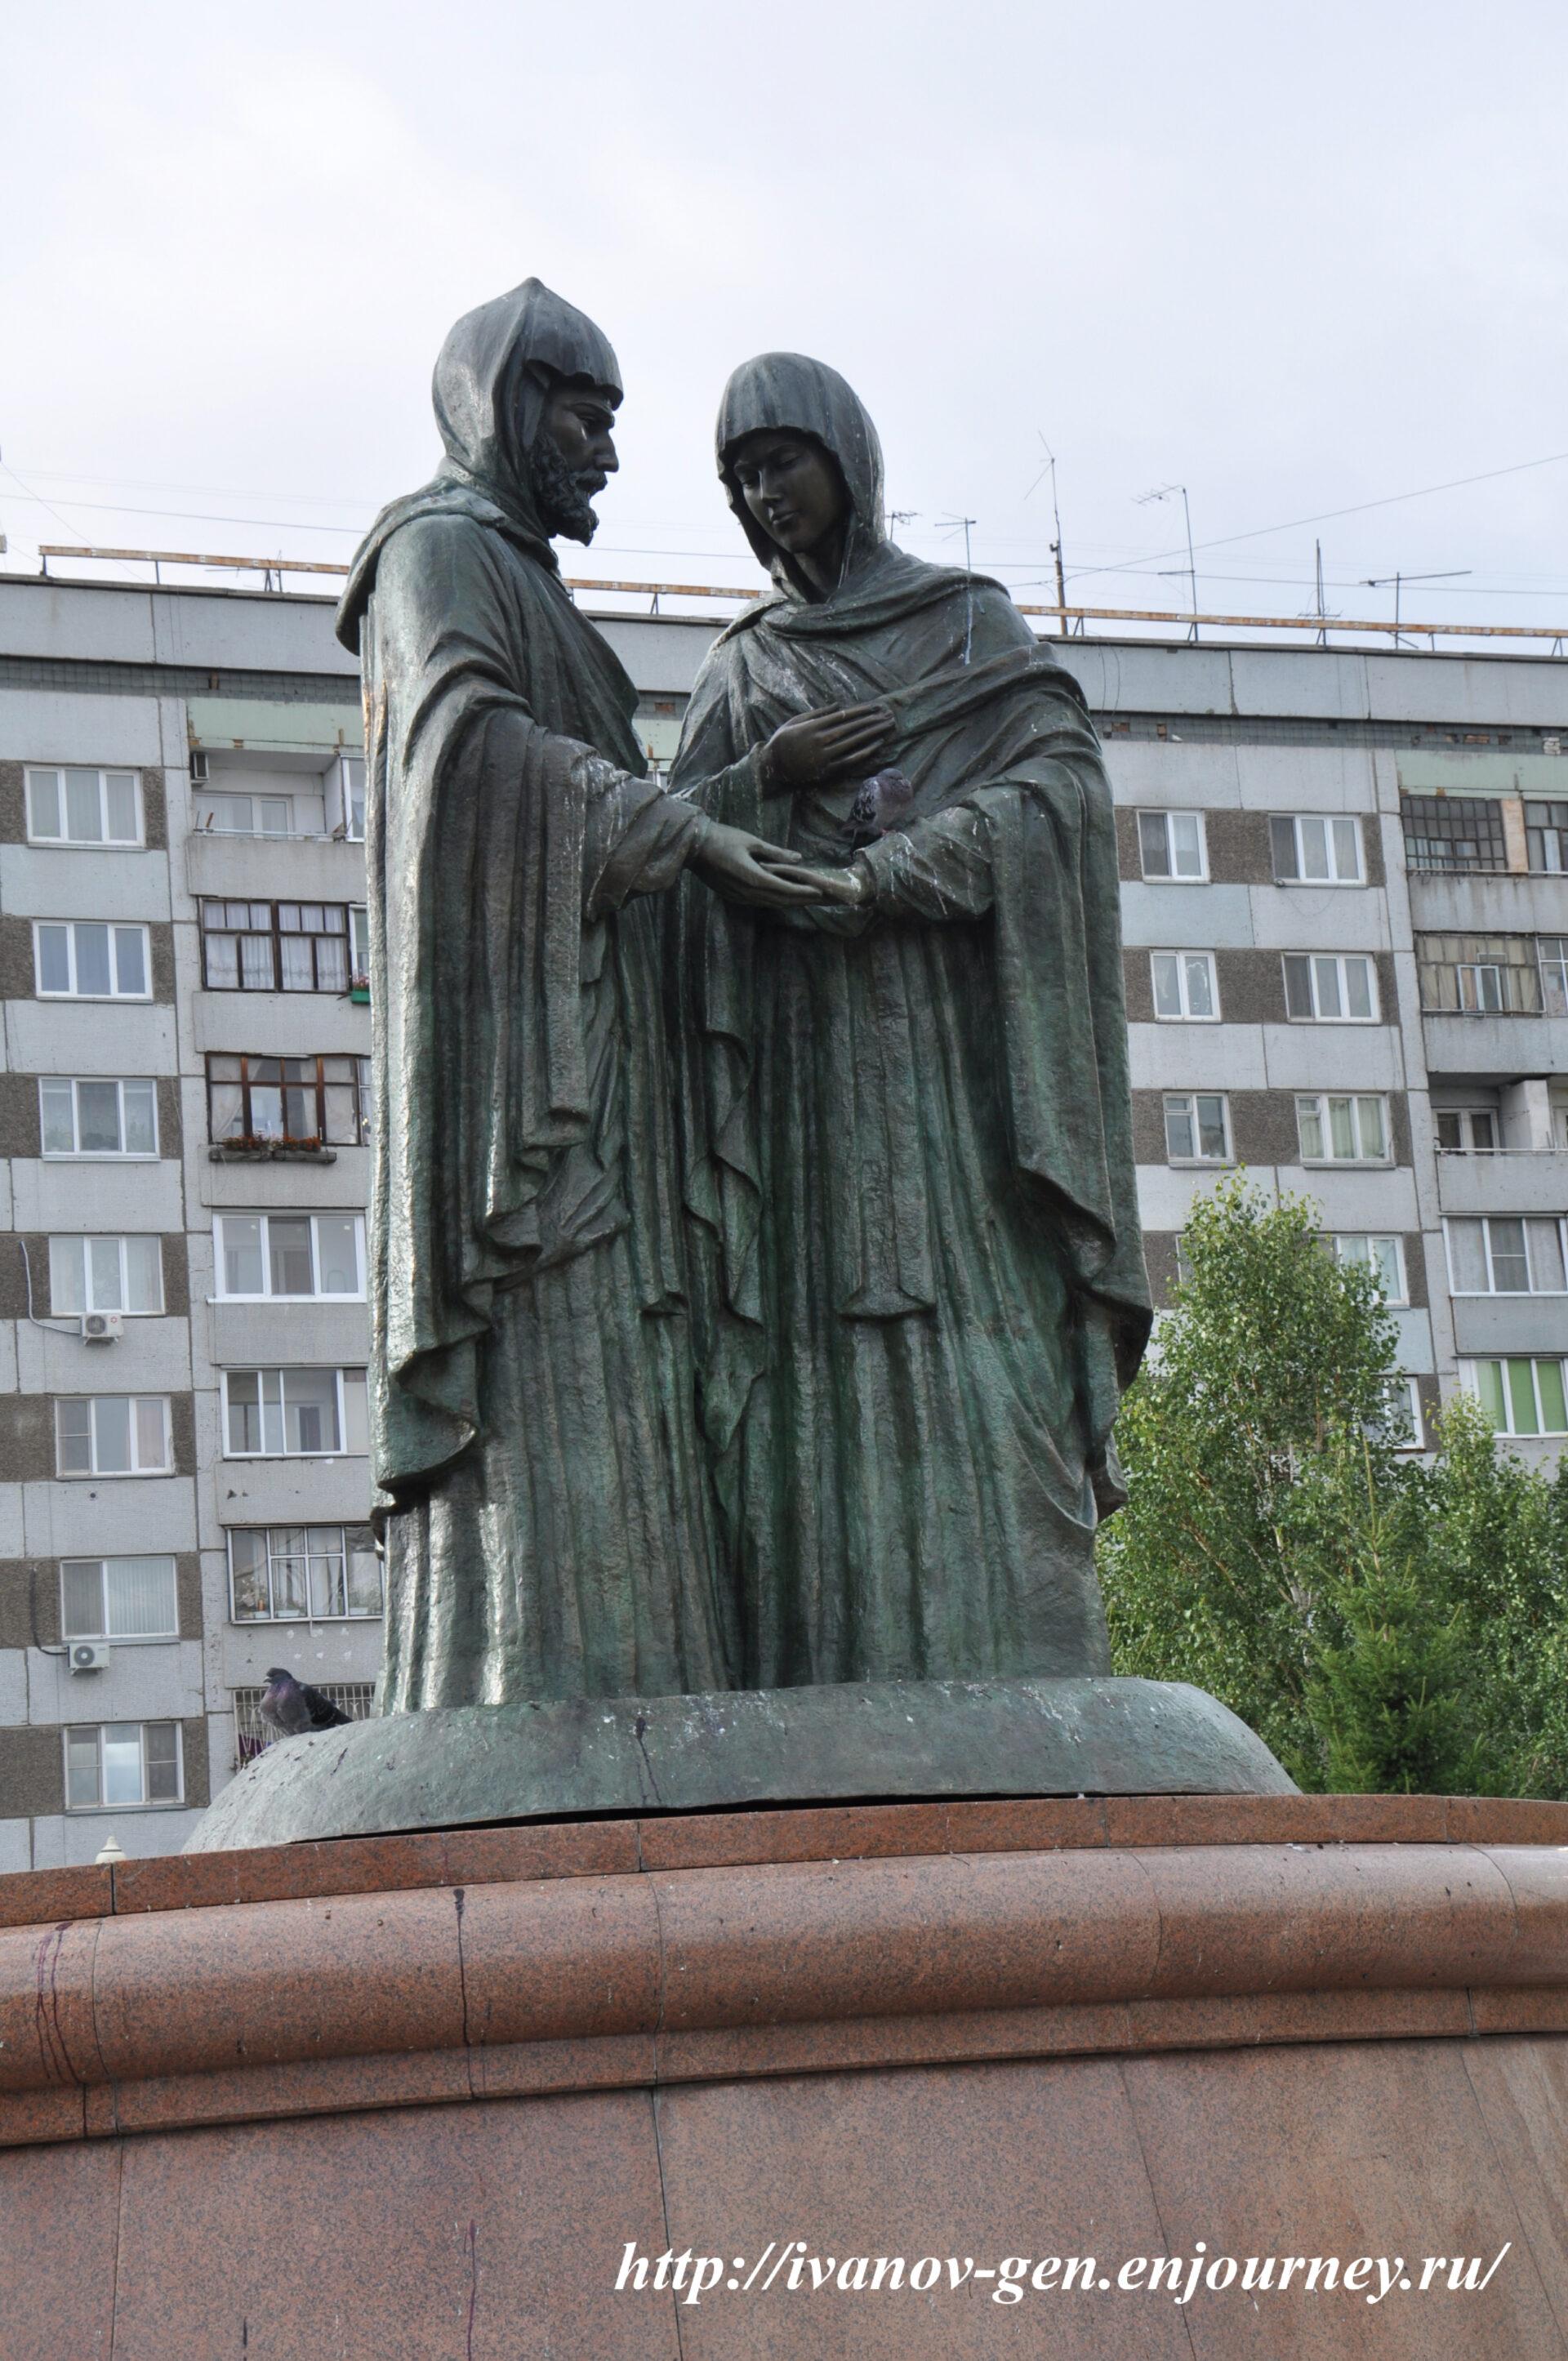 Красноярск глазами москвича или арт-объекты Красноярска